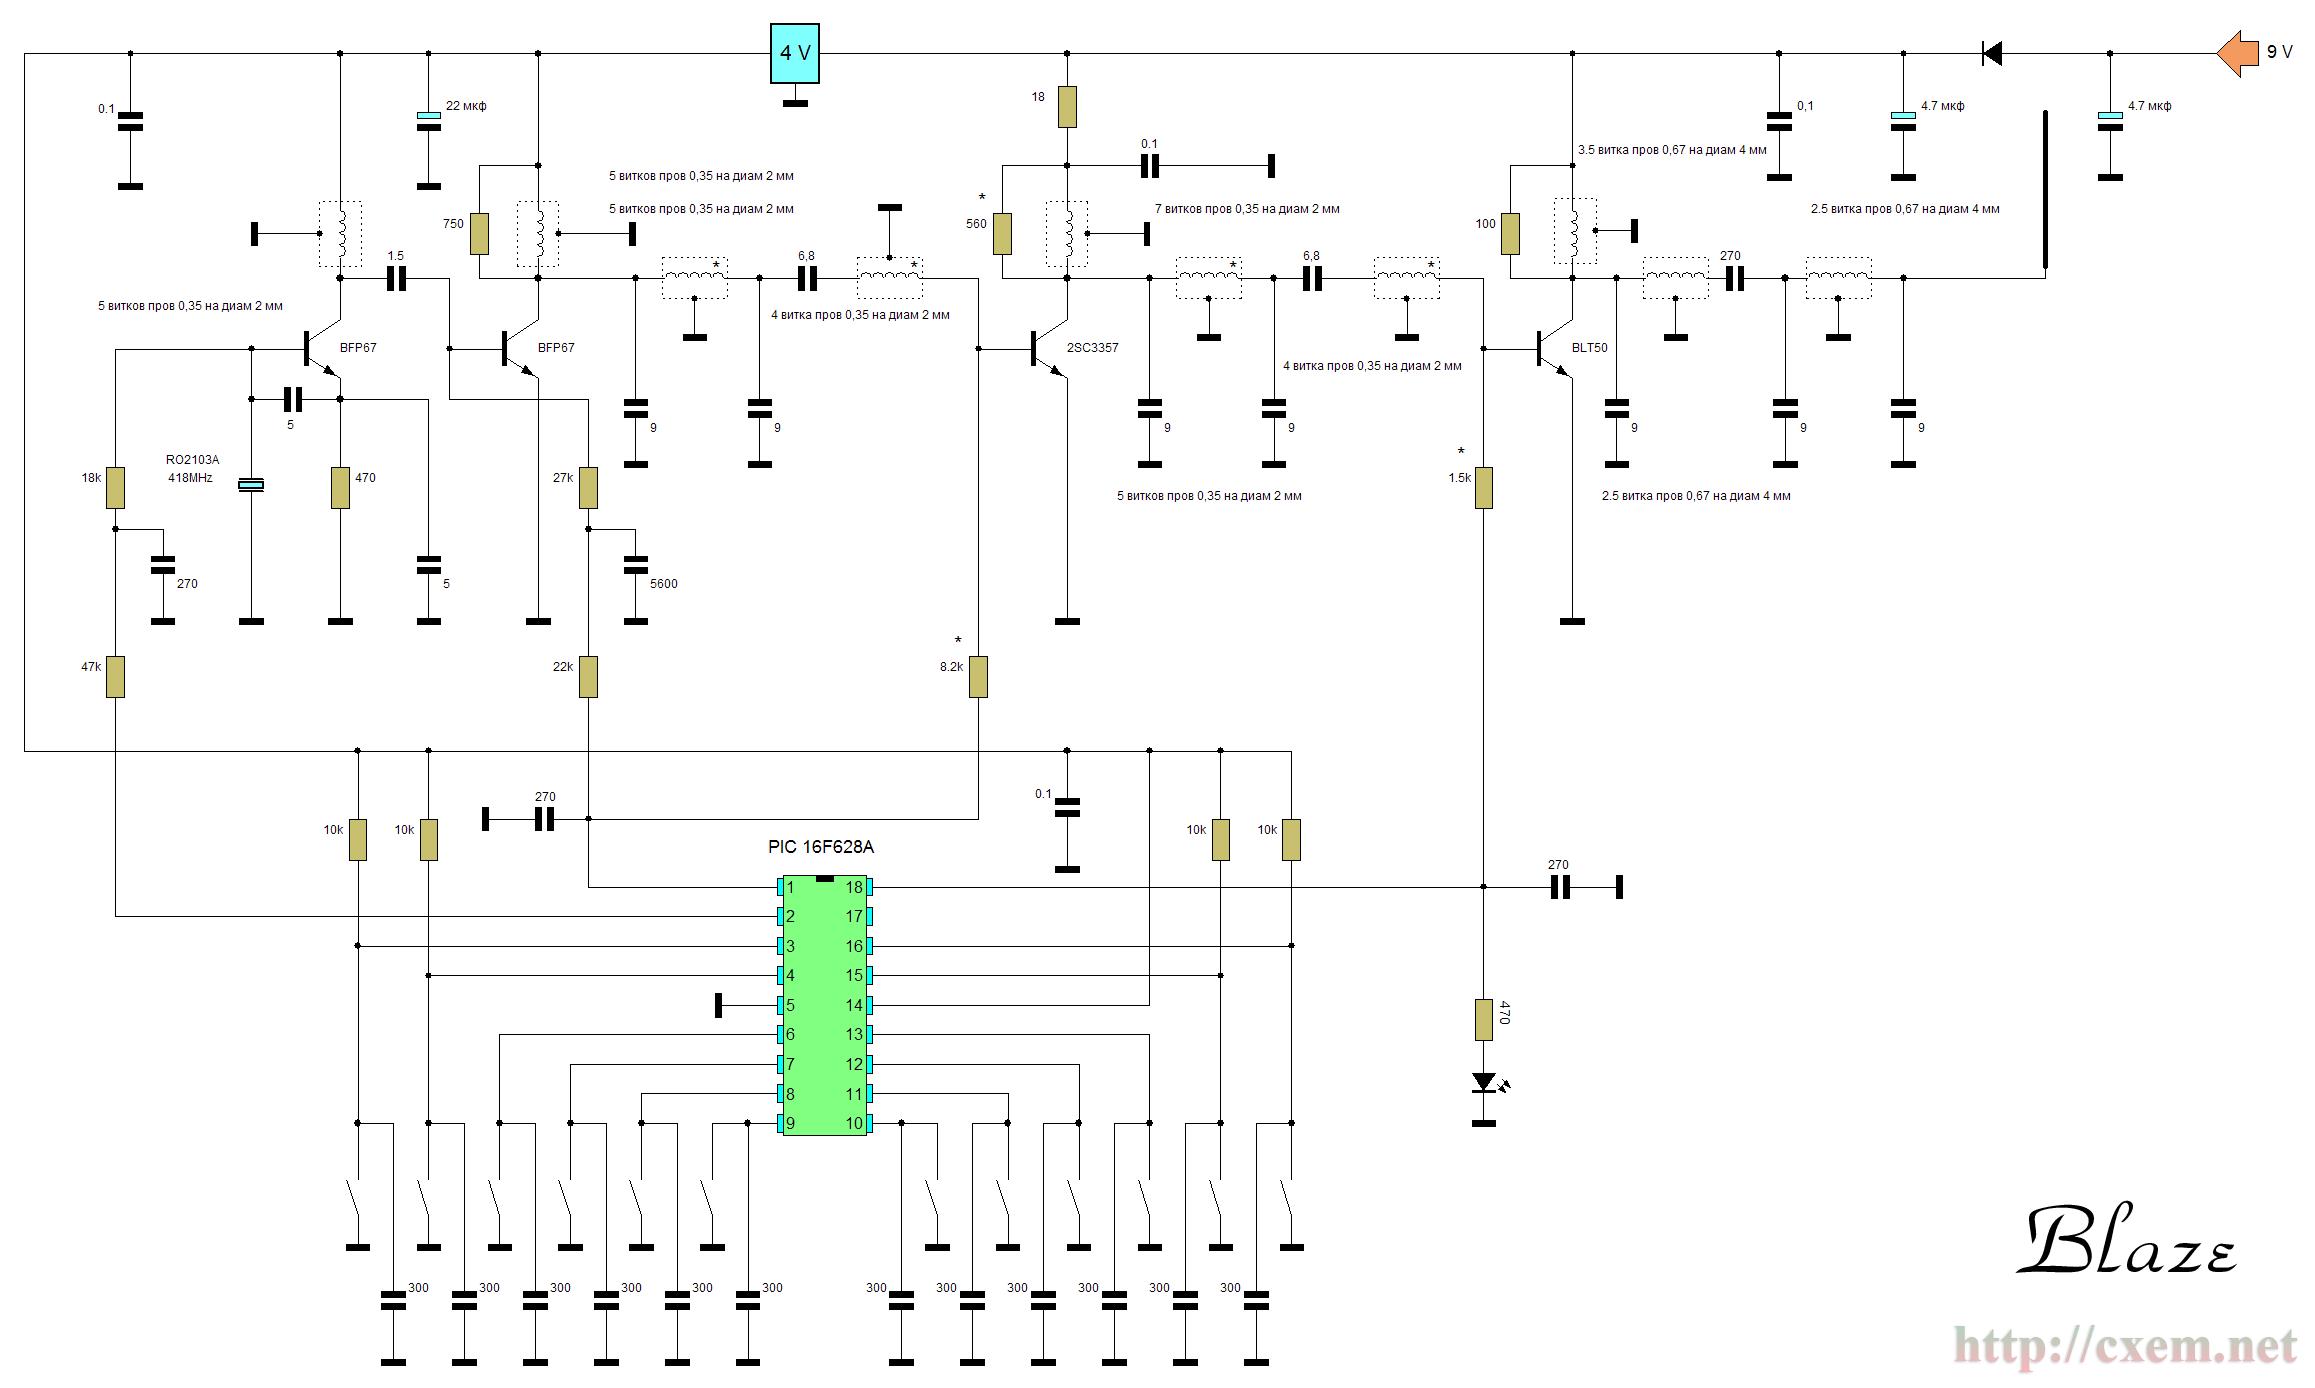 Классическая схема на ПАВ резонаторе в задающем генераторе , модулируемая контроллером .  Модуляция 100 % АМ.